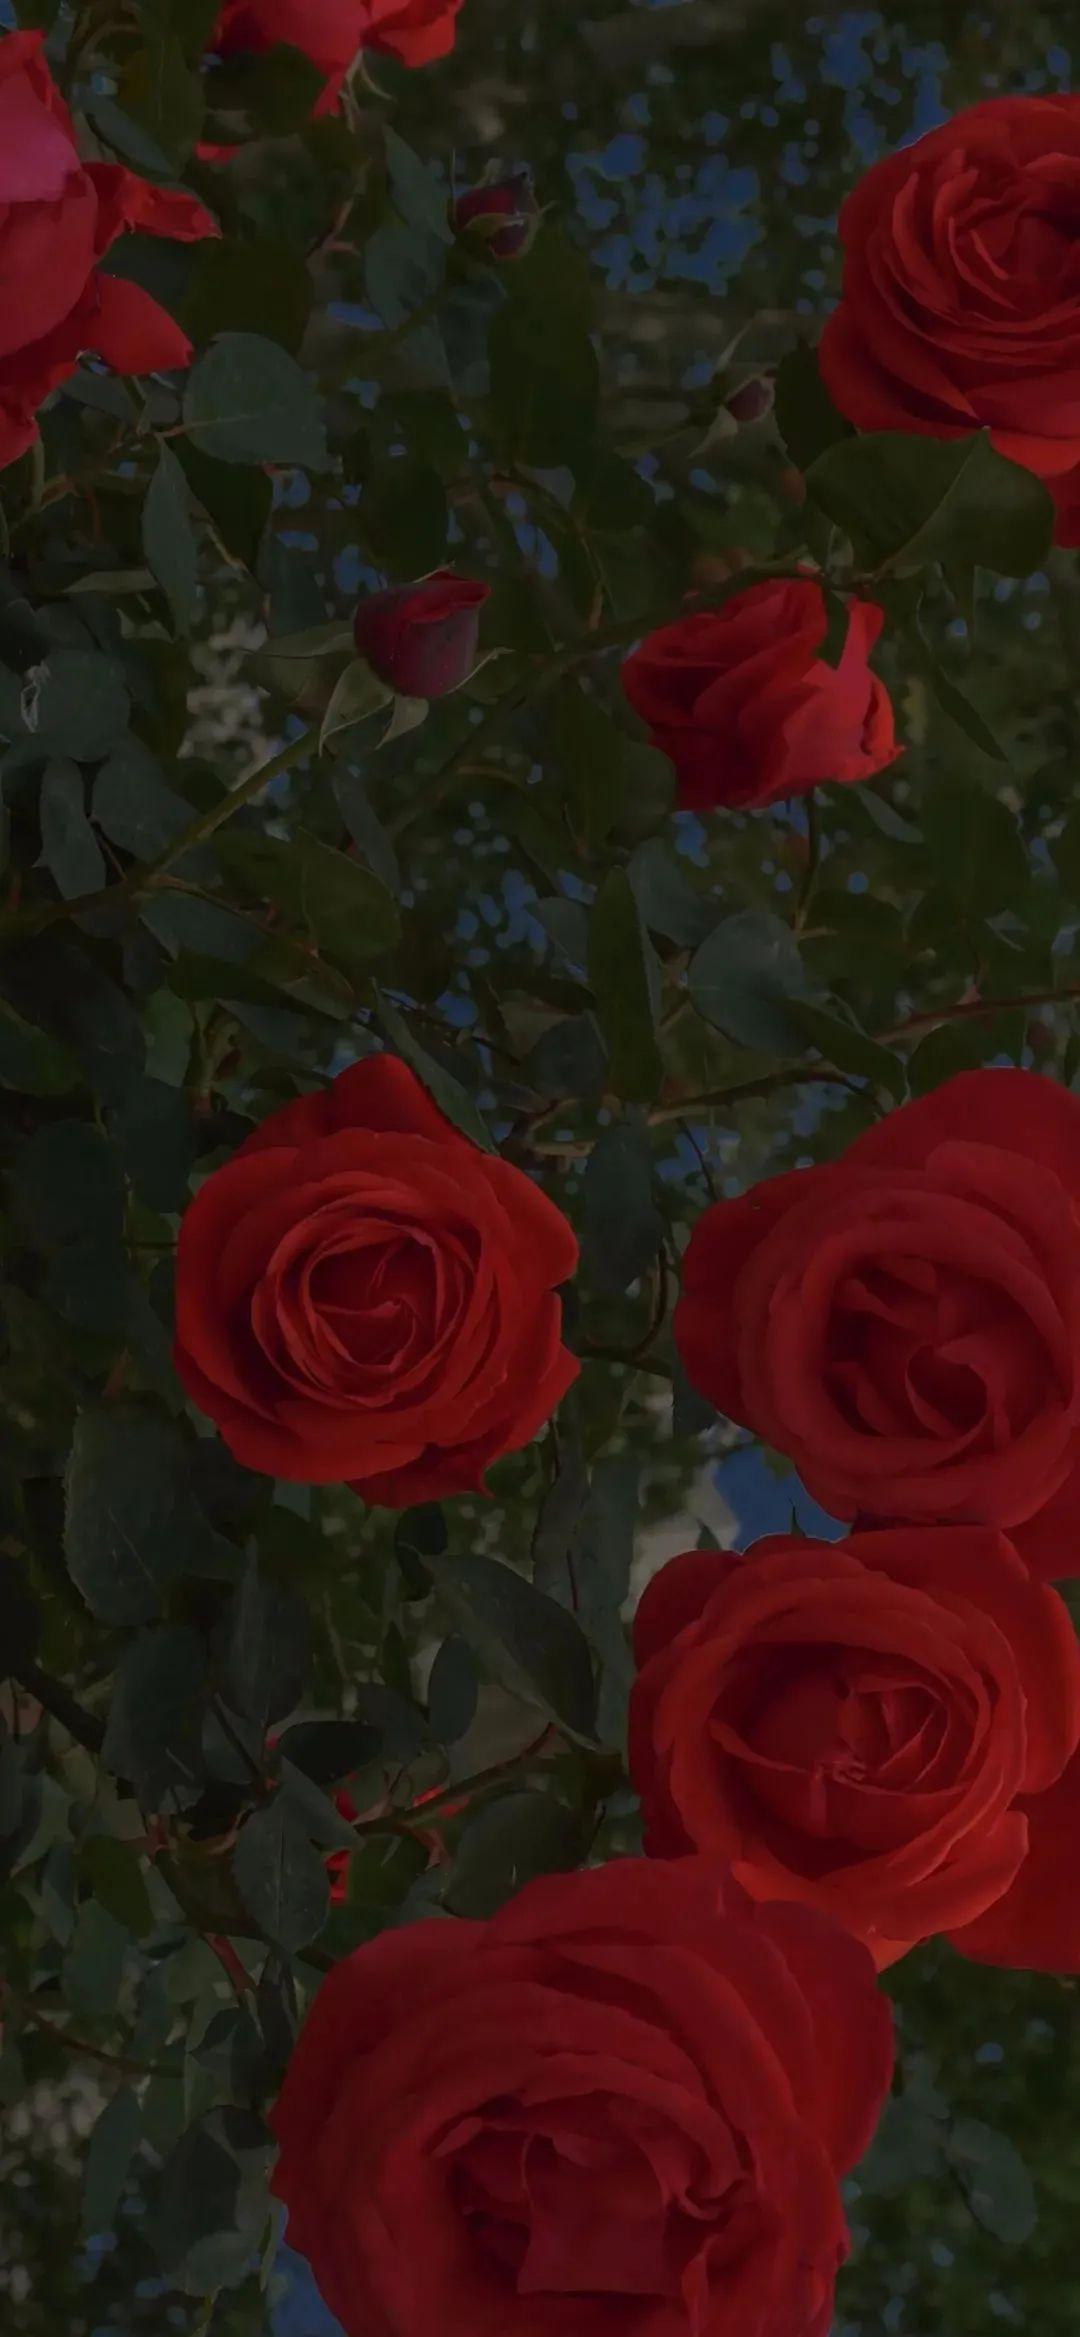 朋友圈经典的关于玫瑰的文案:玫瑰花期到了,我很想你。插图